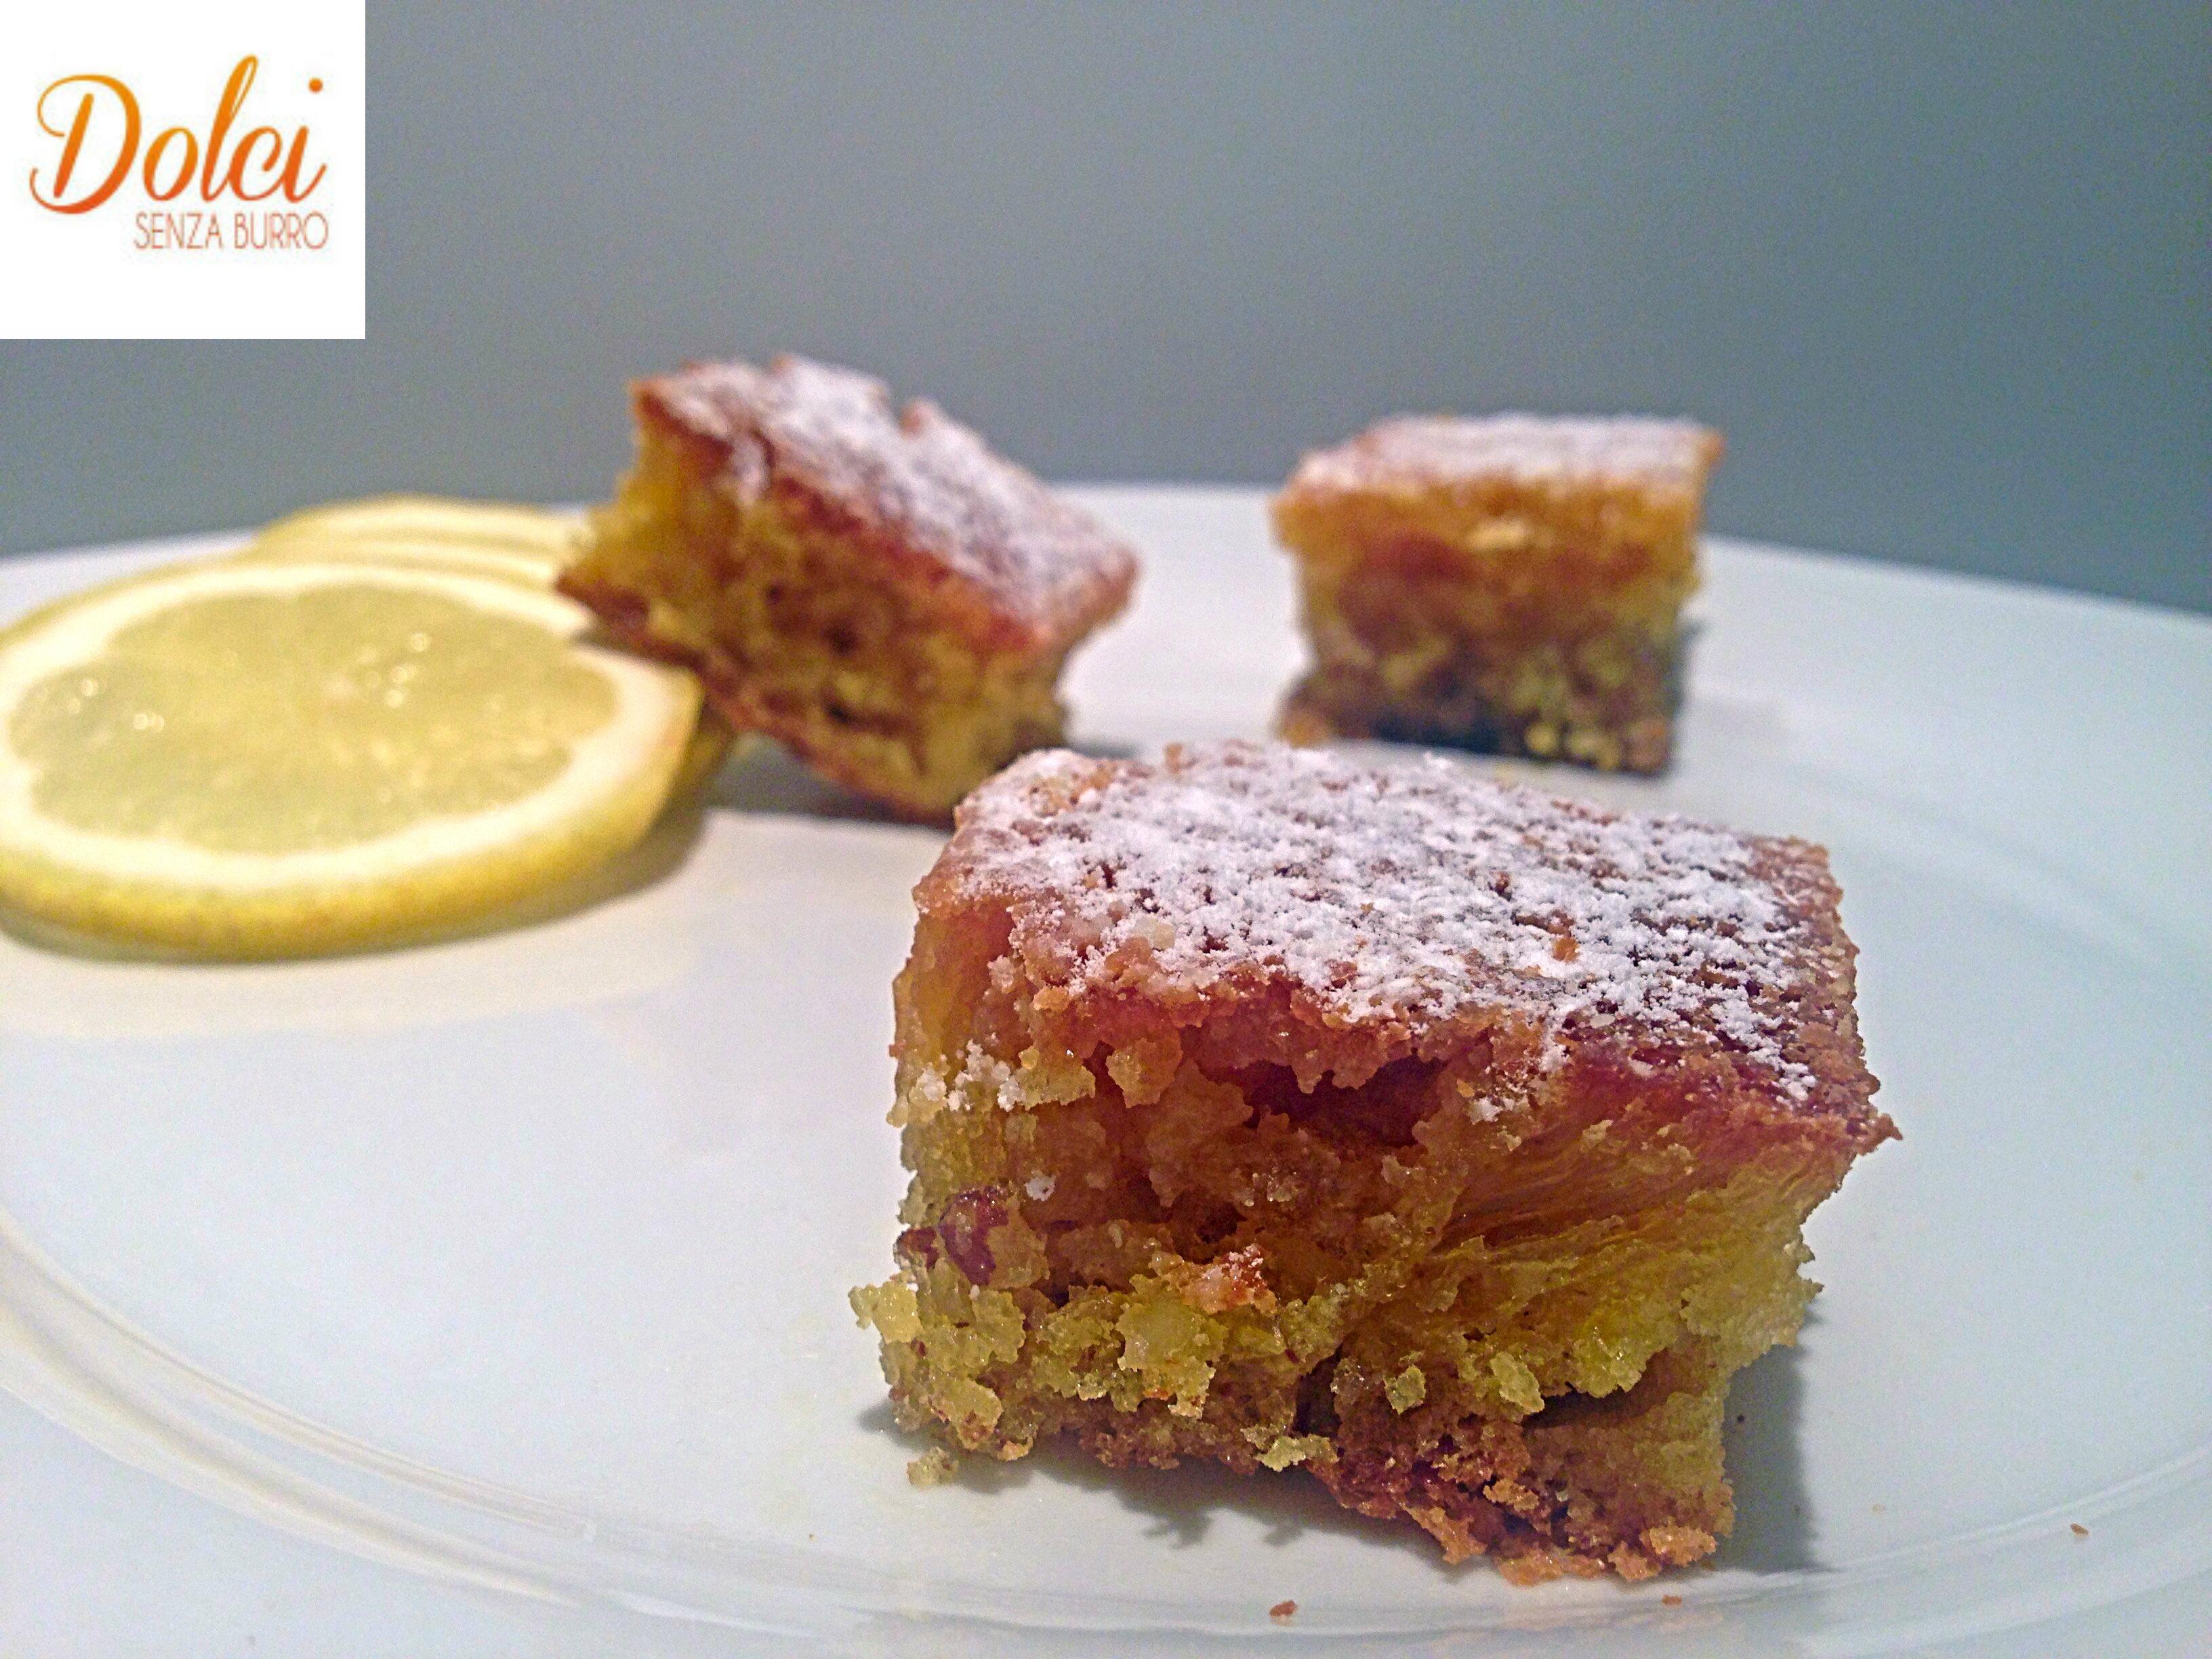 Torta di Riso al Limone, il dolce profumato e goloso di dolci senza burro realizzato con Cukò di imetec